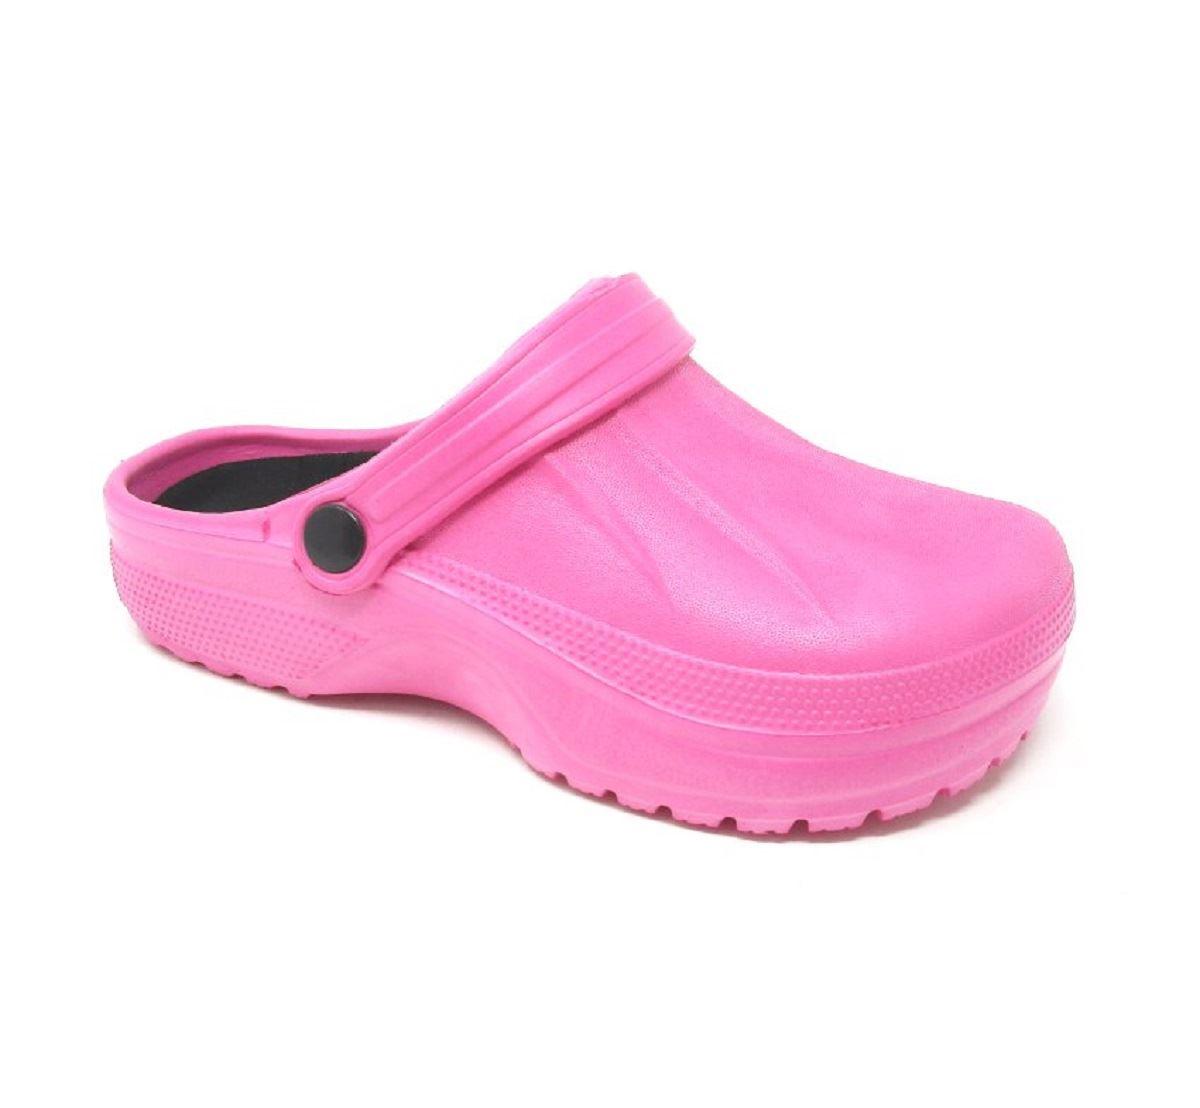 Womens-Clogs-Mules-Slipper-Nursing-Garden-Beach-Sandals-Hospital-Rubber-Shoes miniatura 12